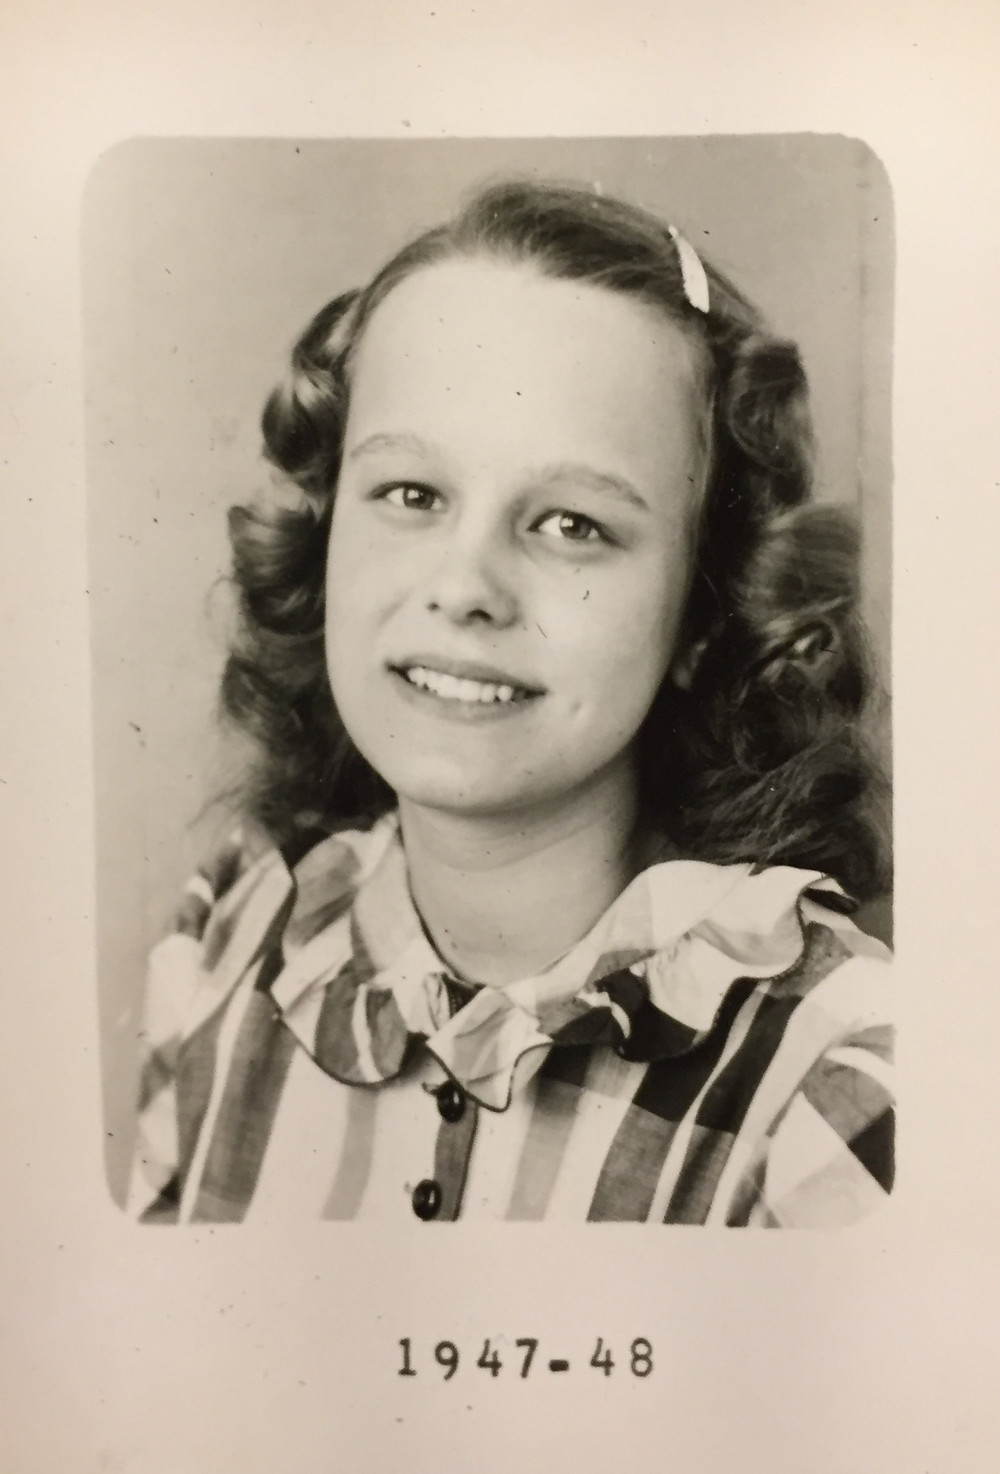 Marjorie in 1947- 48 . . .